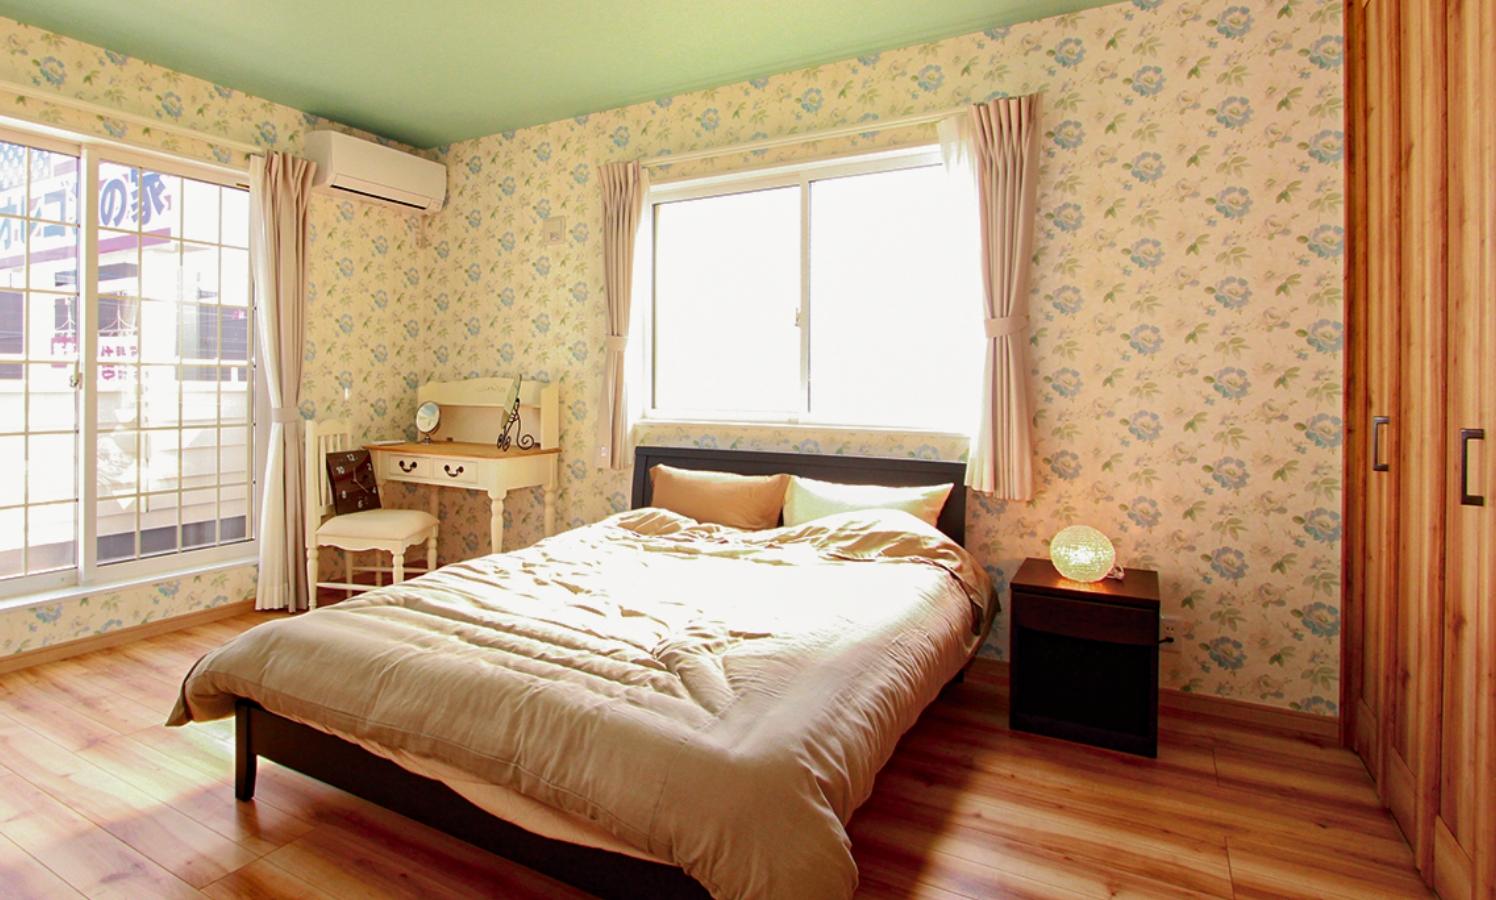 ベッドルーム 写真 寝室